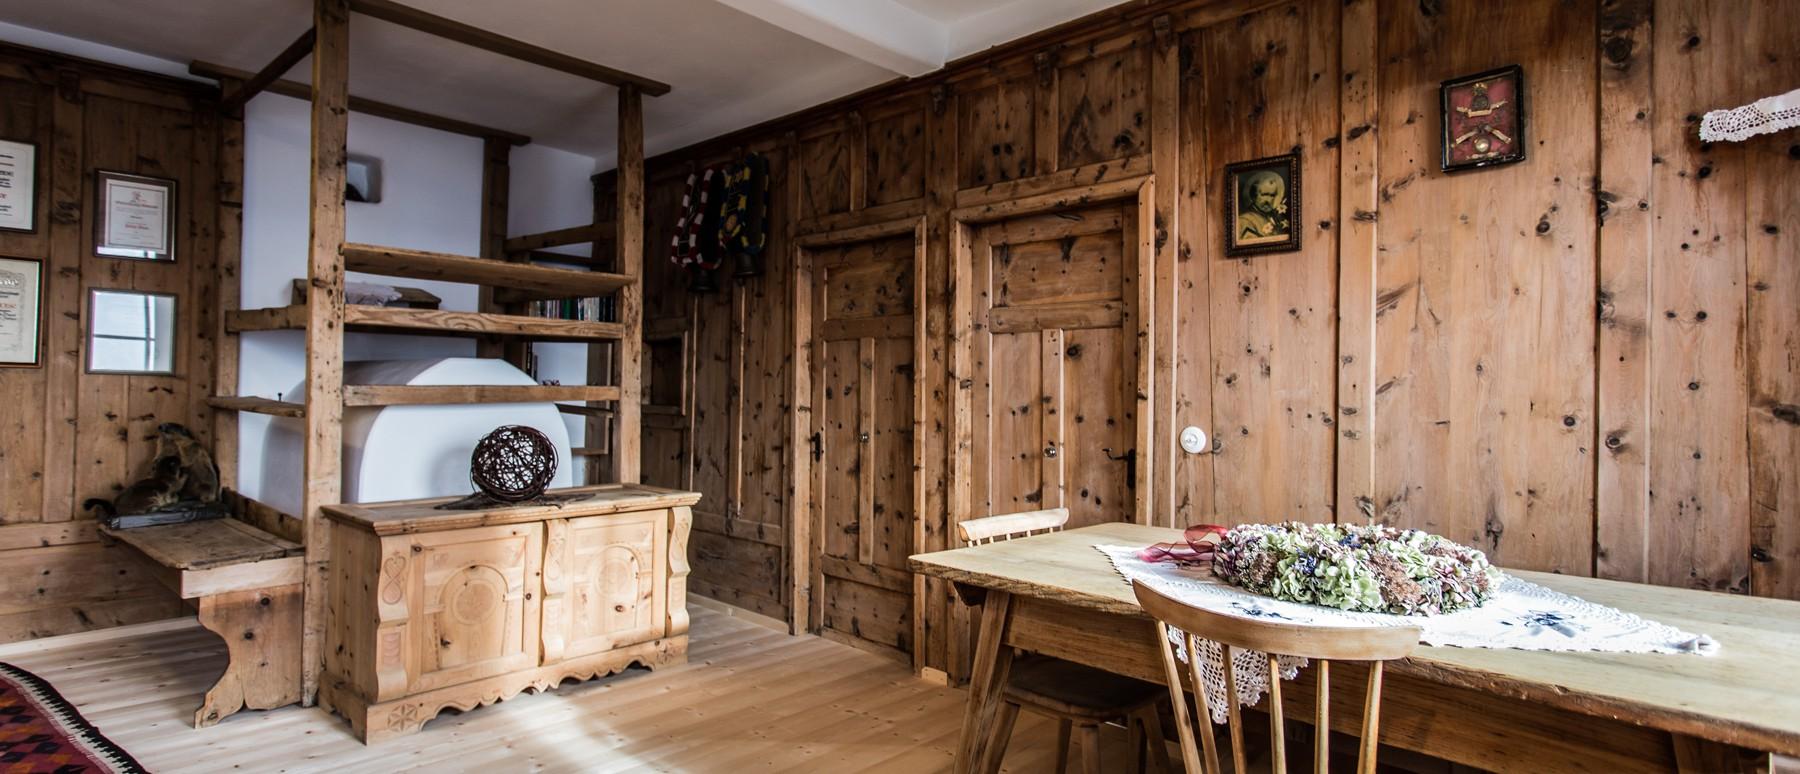 Appartement Bauernstube | Rackerterhof - Urlaub auf dem ...